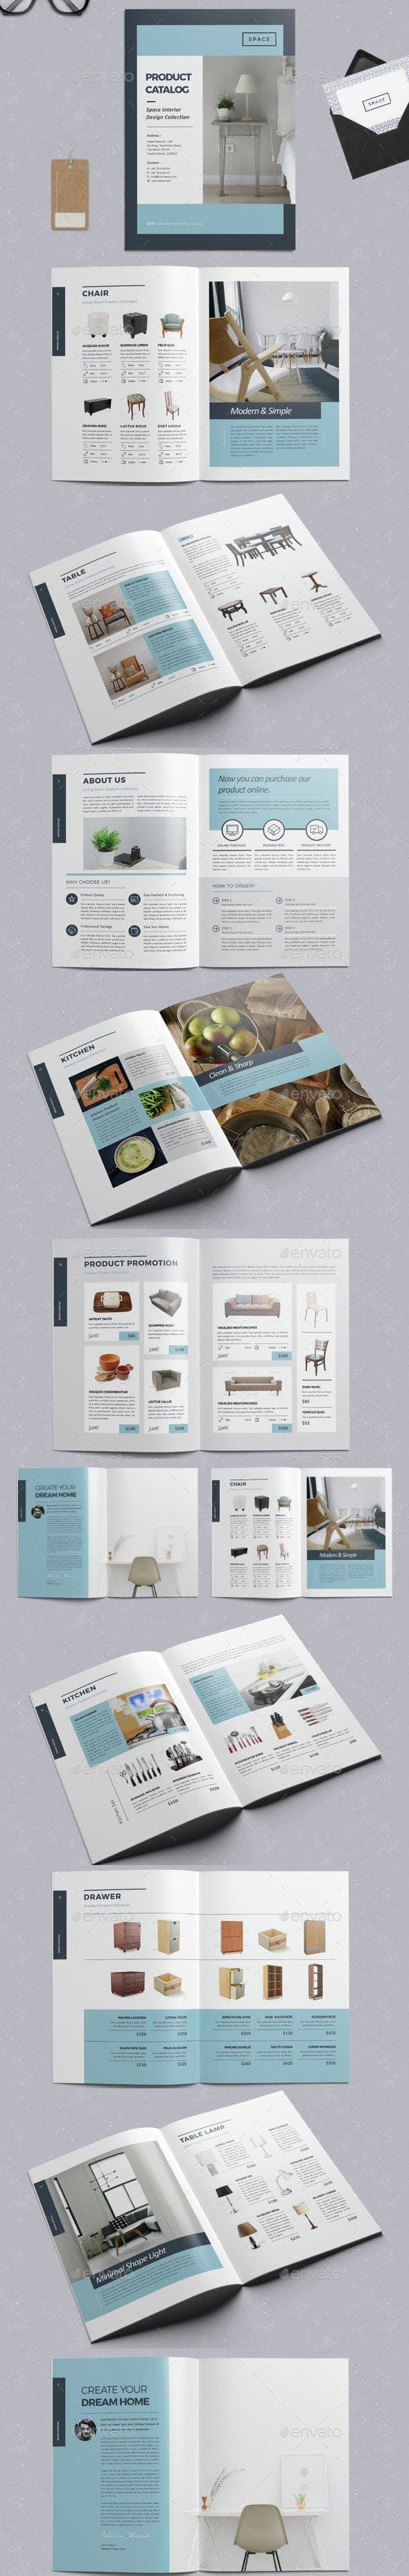 Plantillas de catálogo de productos de InDesign